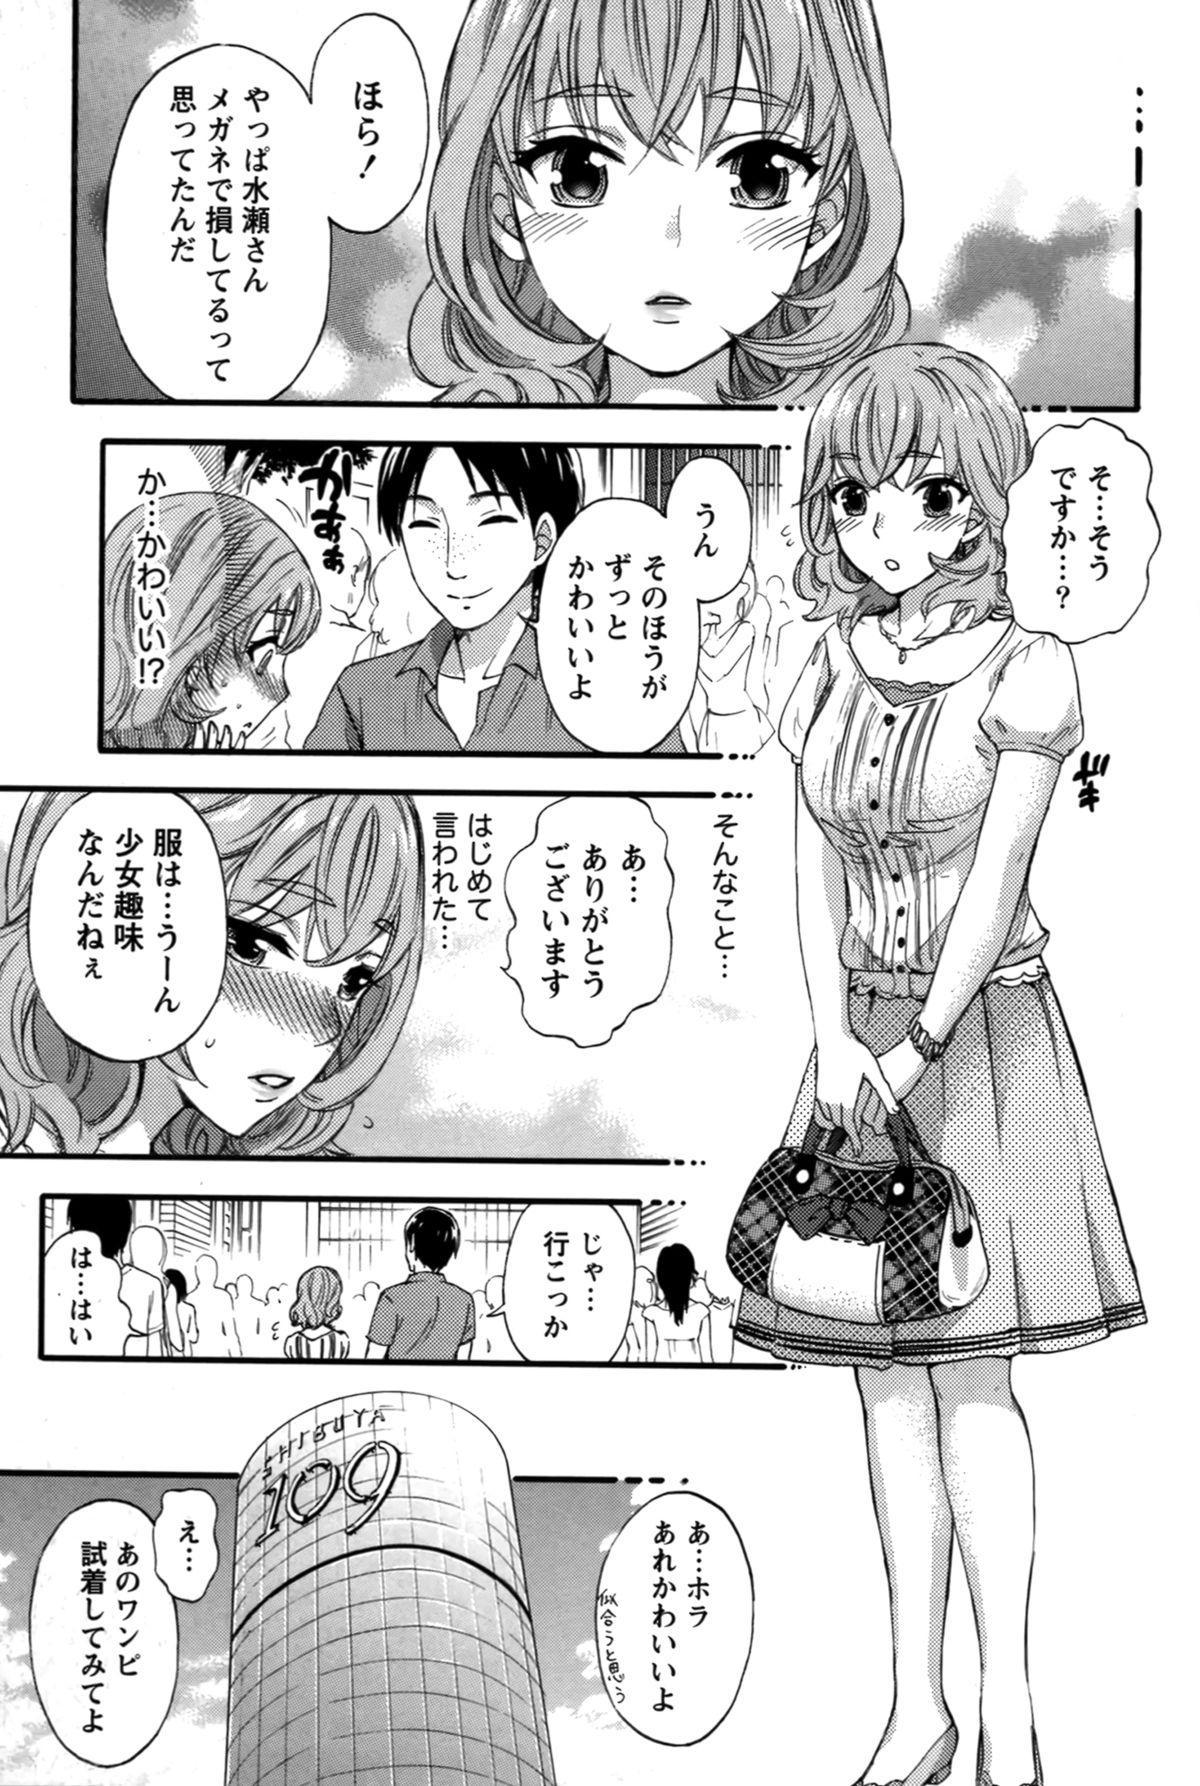 Anata to Watashi wa Warukunai 71